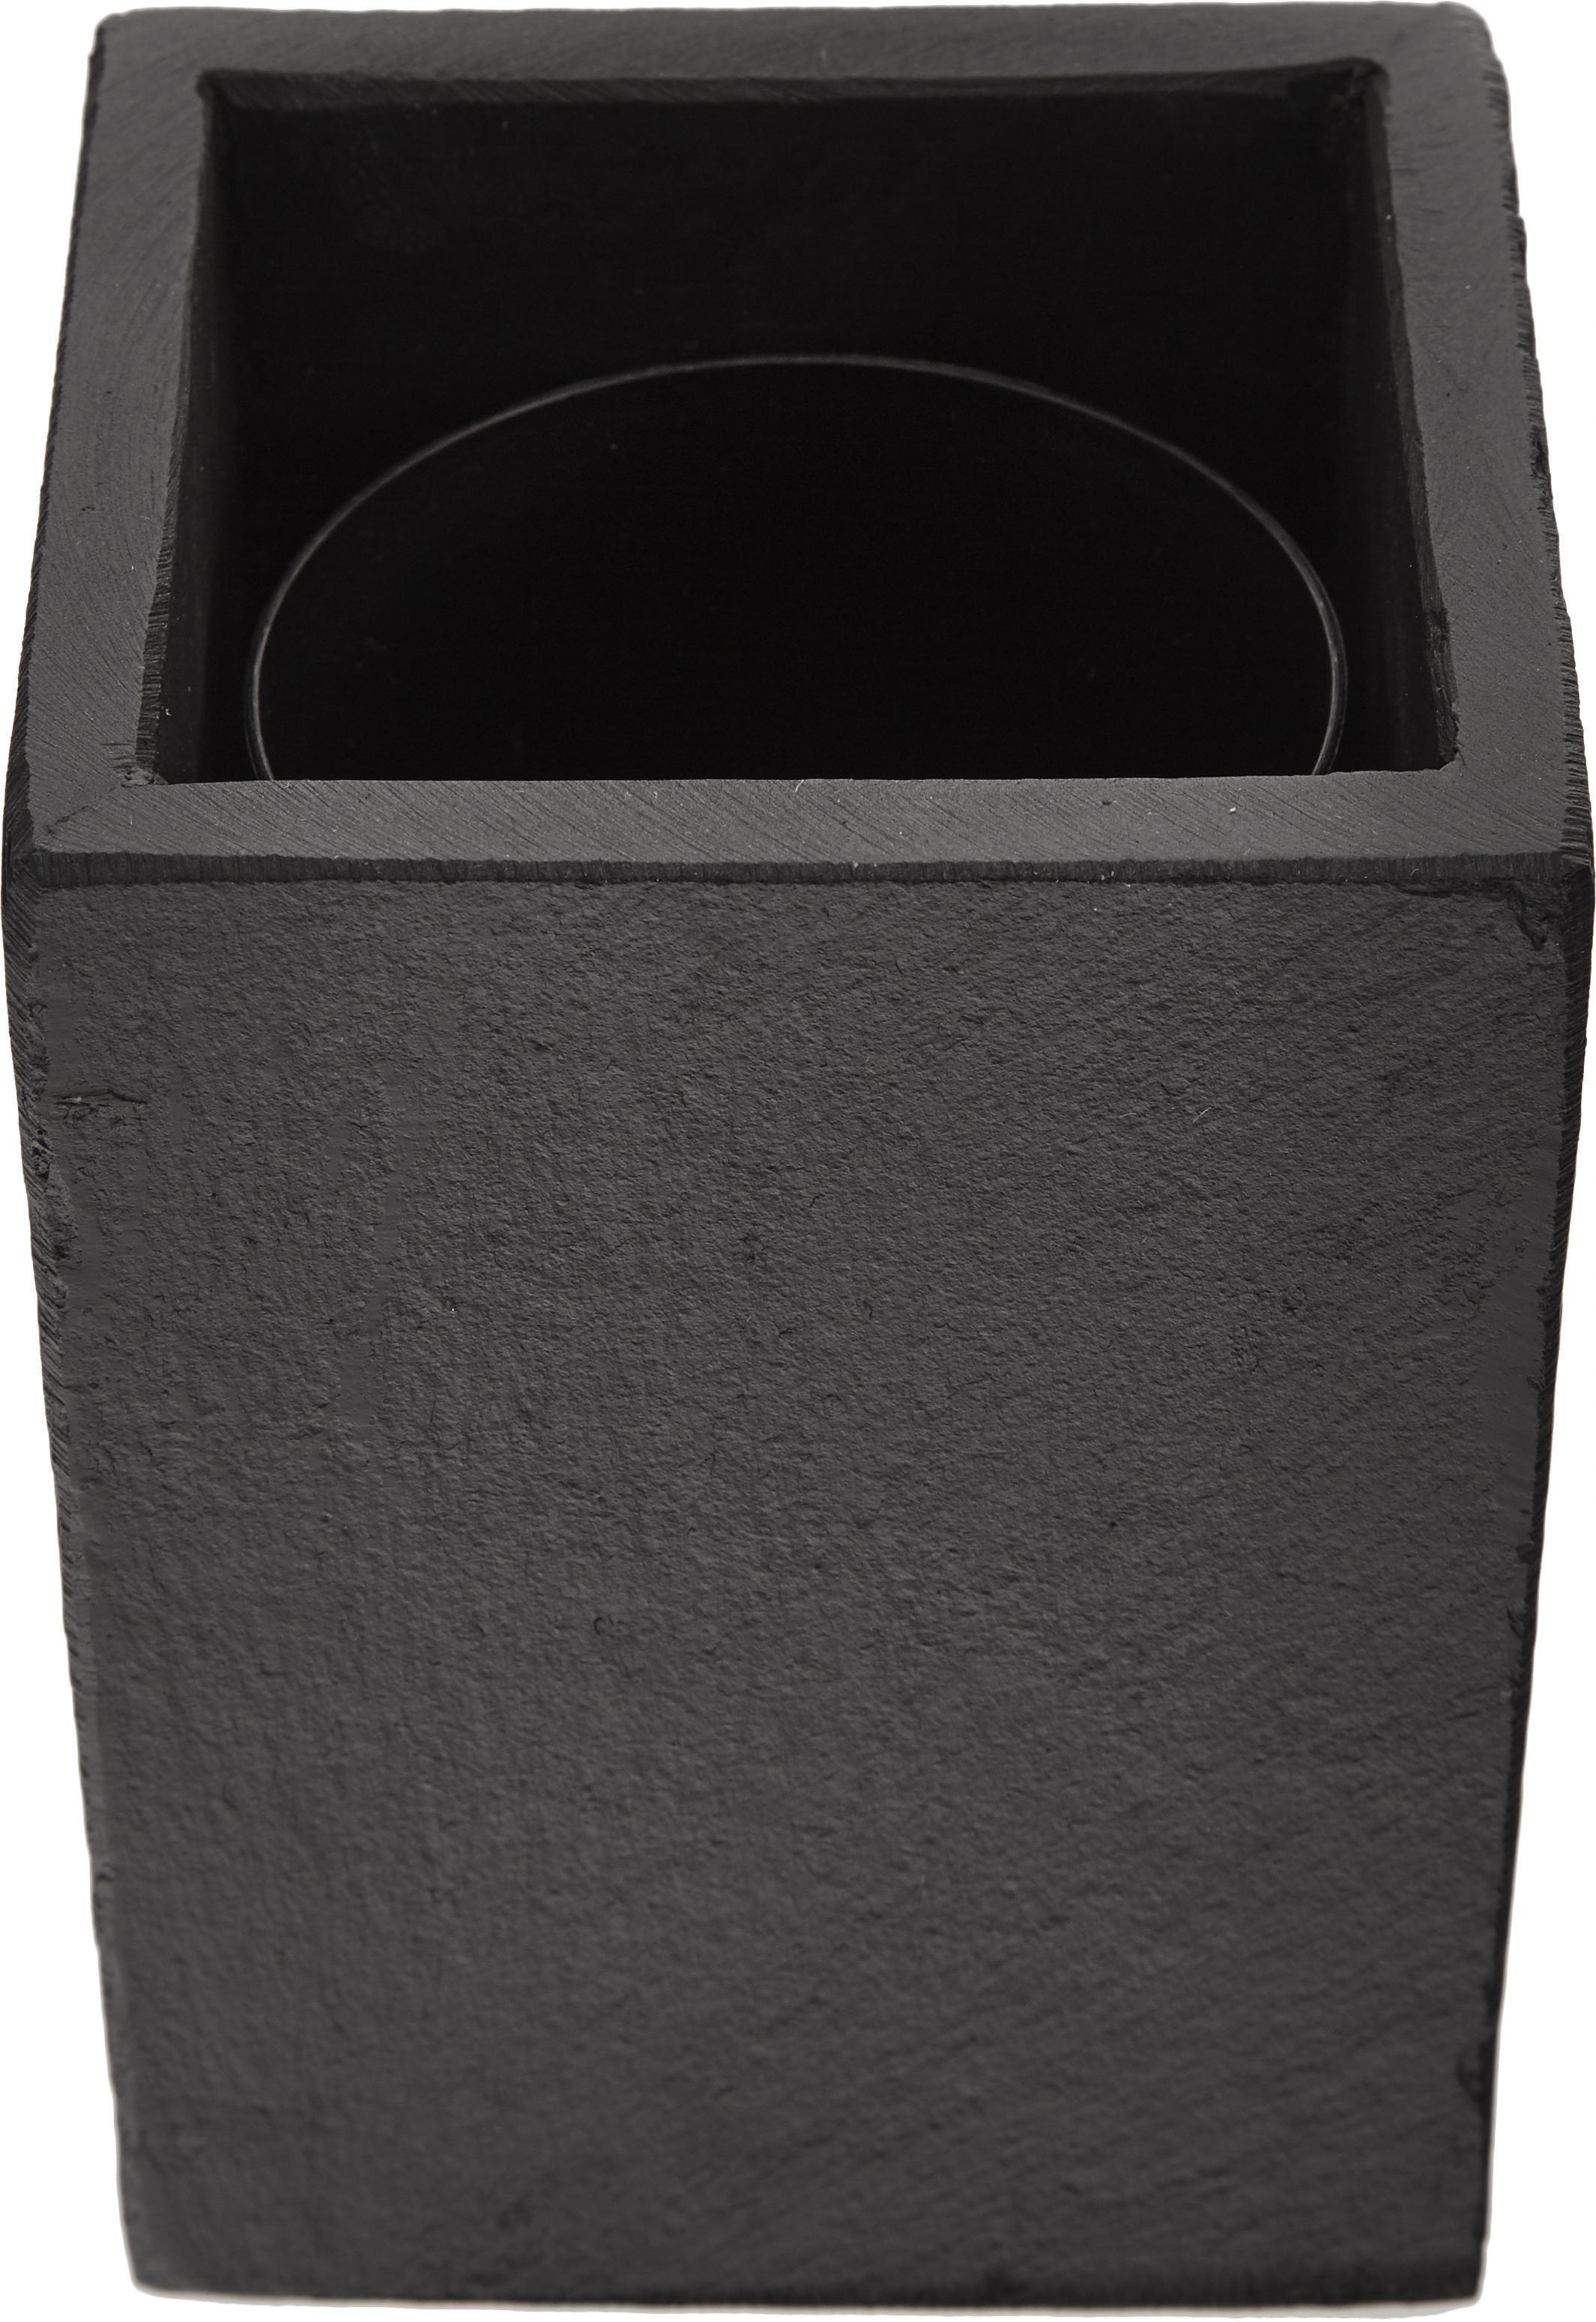 Toilettenbürste Nero mit Schiefer-Behälter, Schiefer, Edelstahl, Kunststoff, Dunkelgrau, H 41 cm